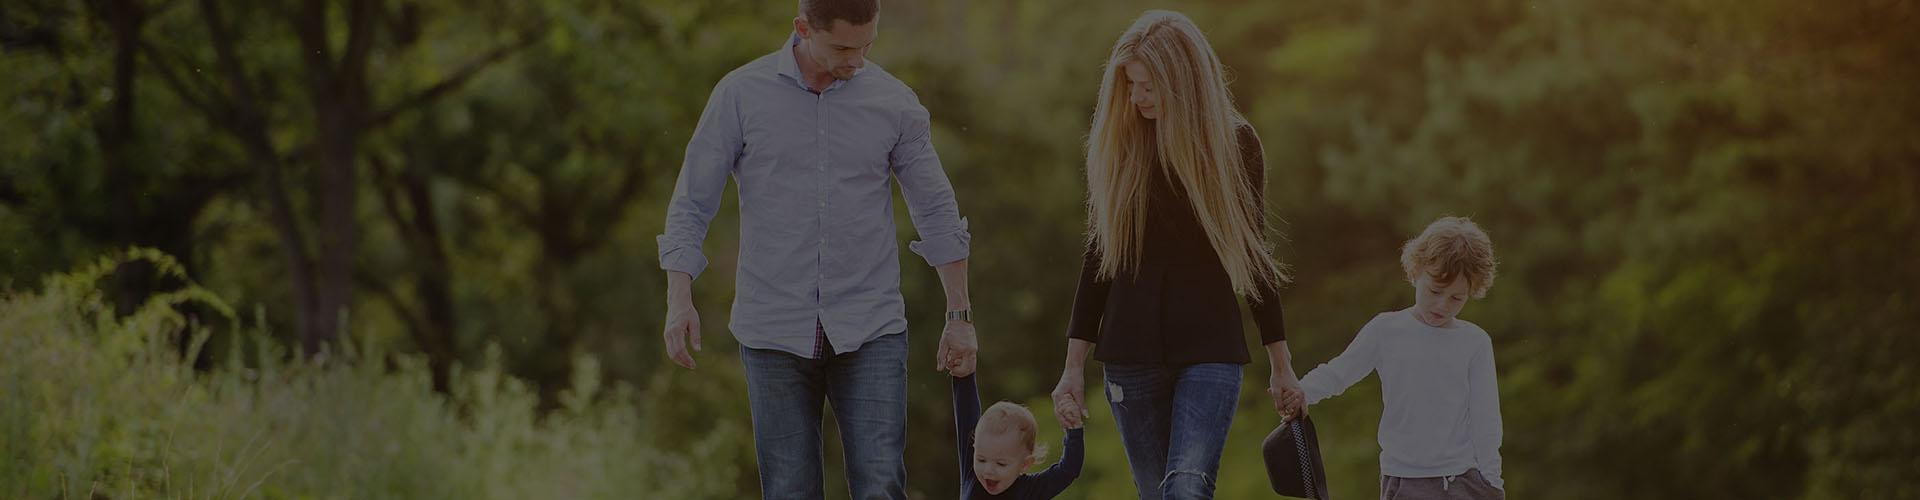 На учебу в Новую Зеландию с семьей — визы на основании отношений слайд